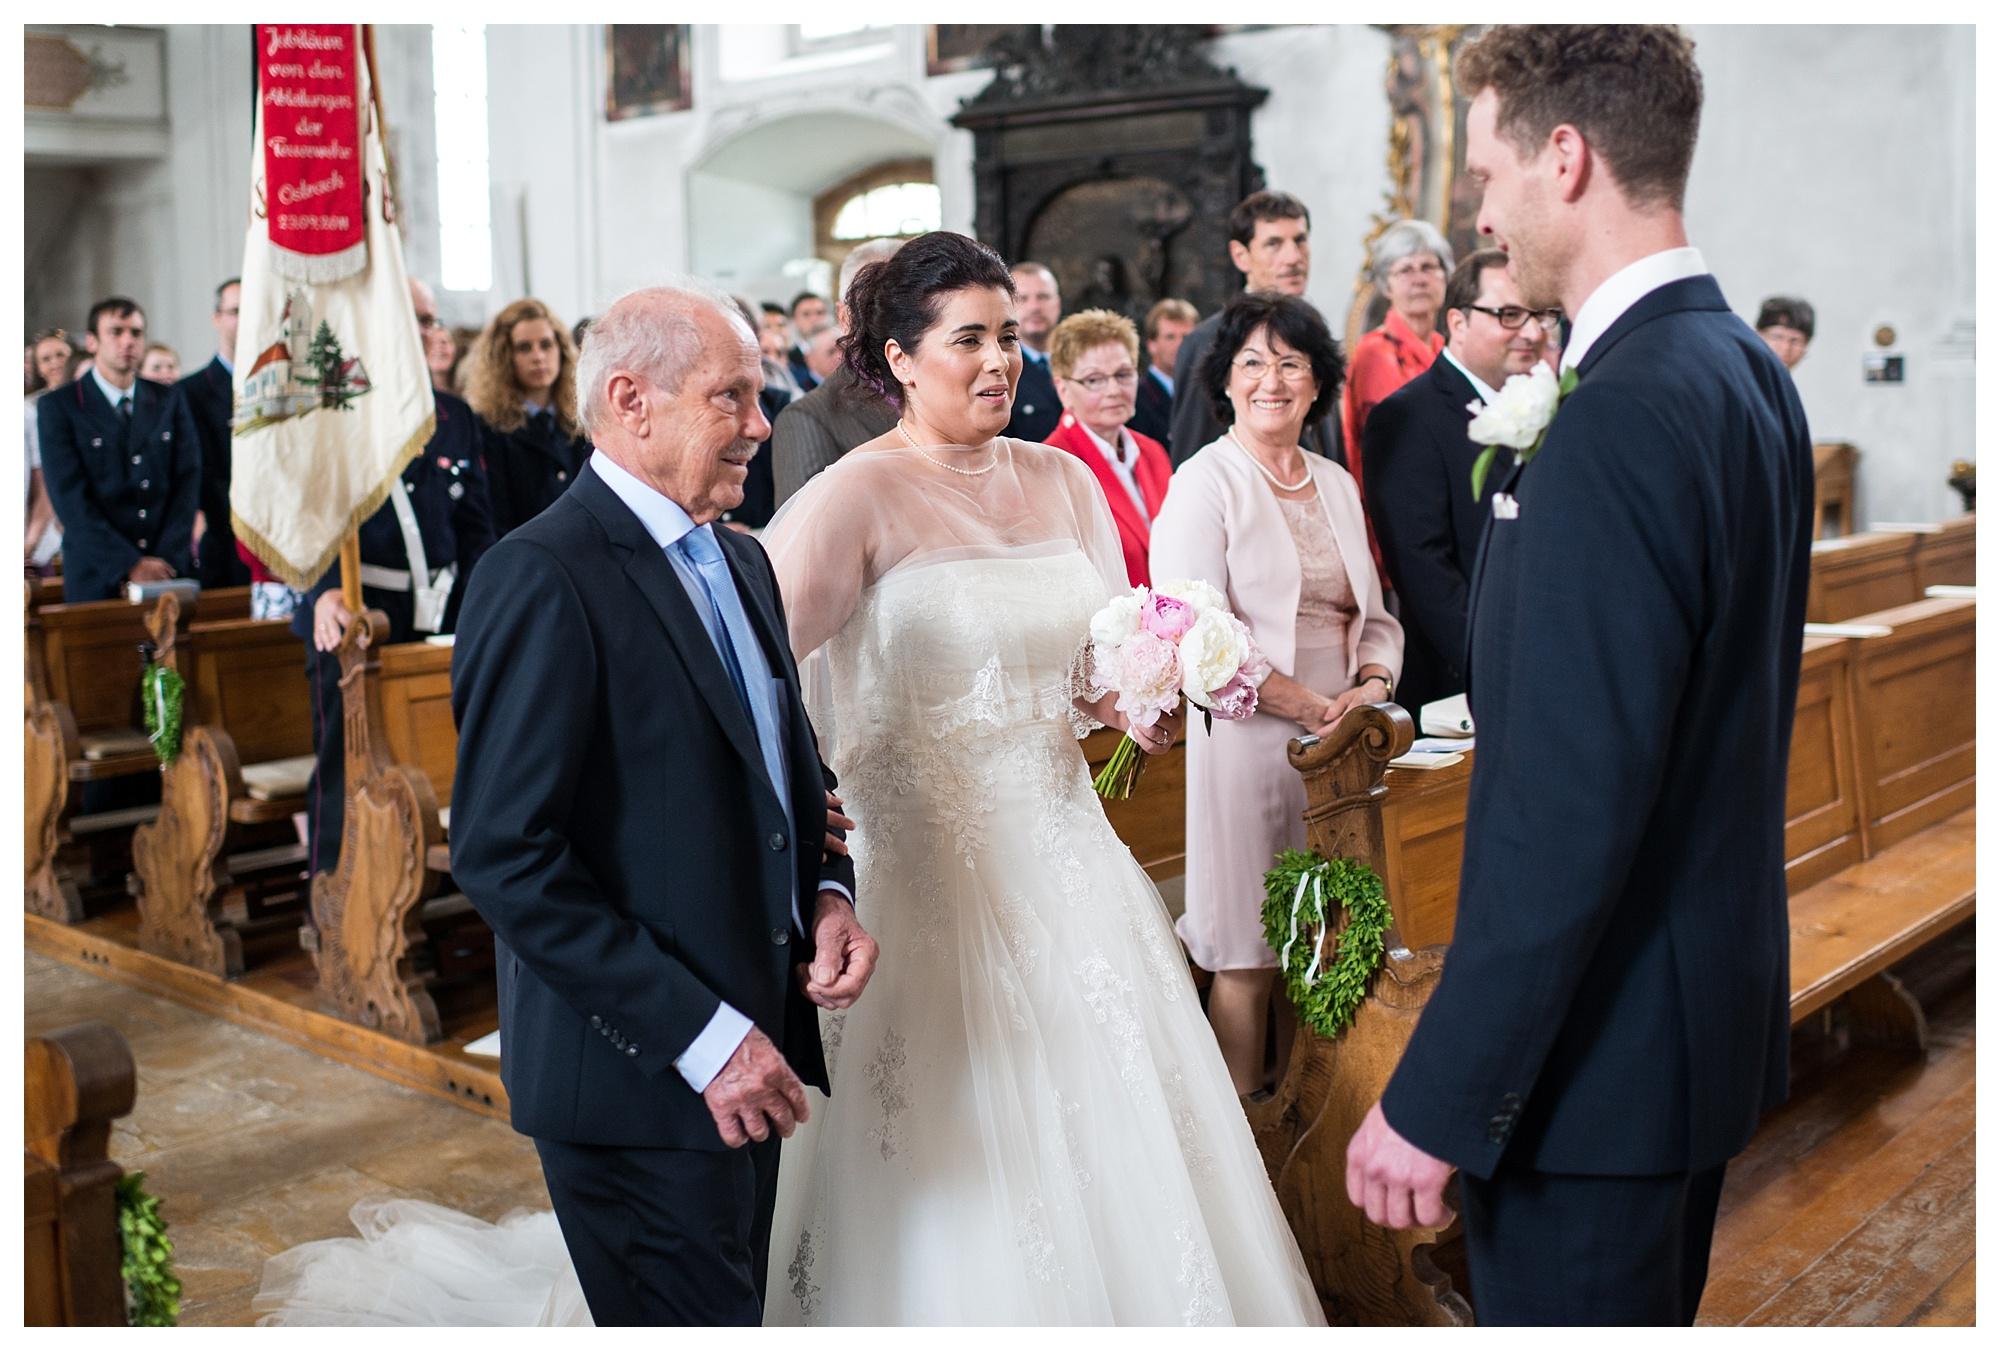 Fotograf Konstanz - Hochzeit Tanja Elmar Elmar Feuerbacher Photography Konstanz Messkirch Highlights 023 - Hochzeitsreportage von Tanja und Elmar im Schloss Meßkirch  - 22 -